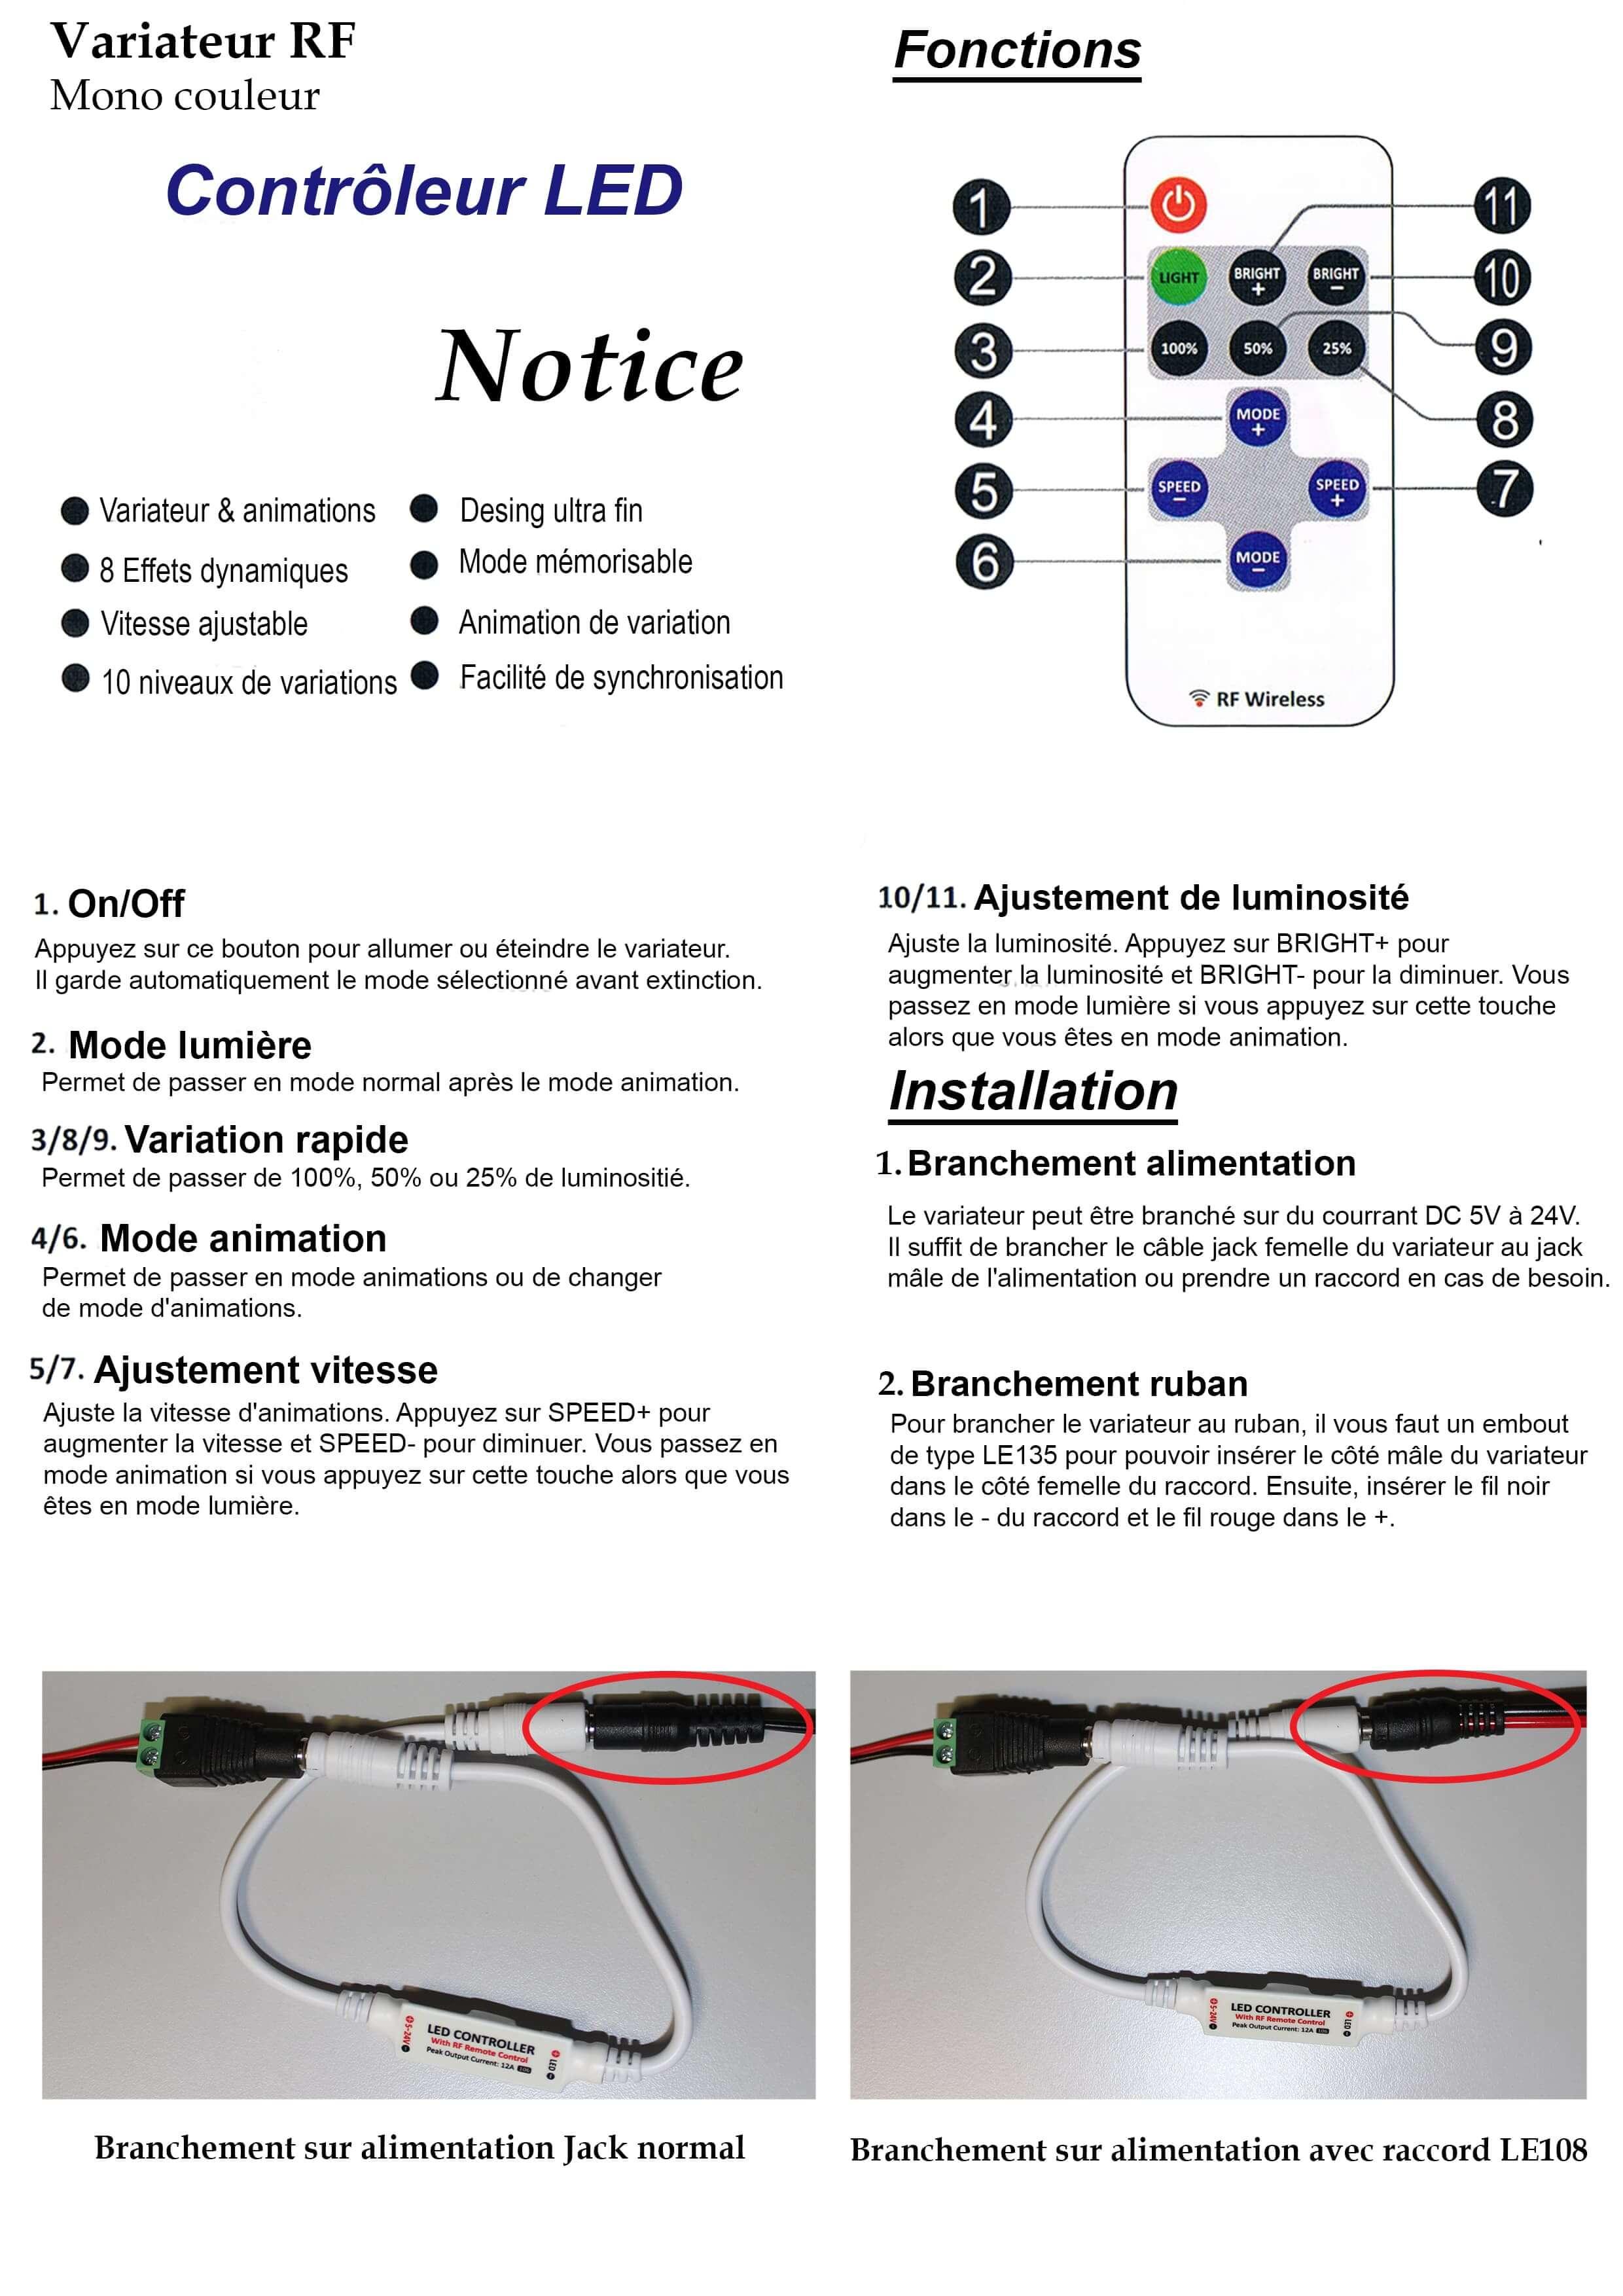 Notice controller LE149